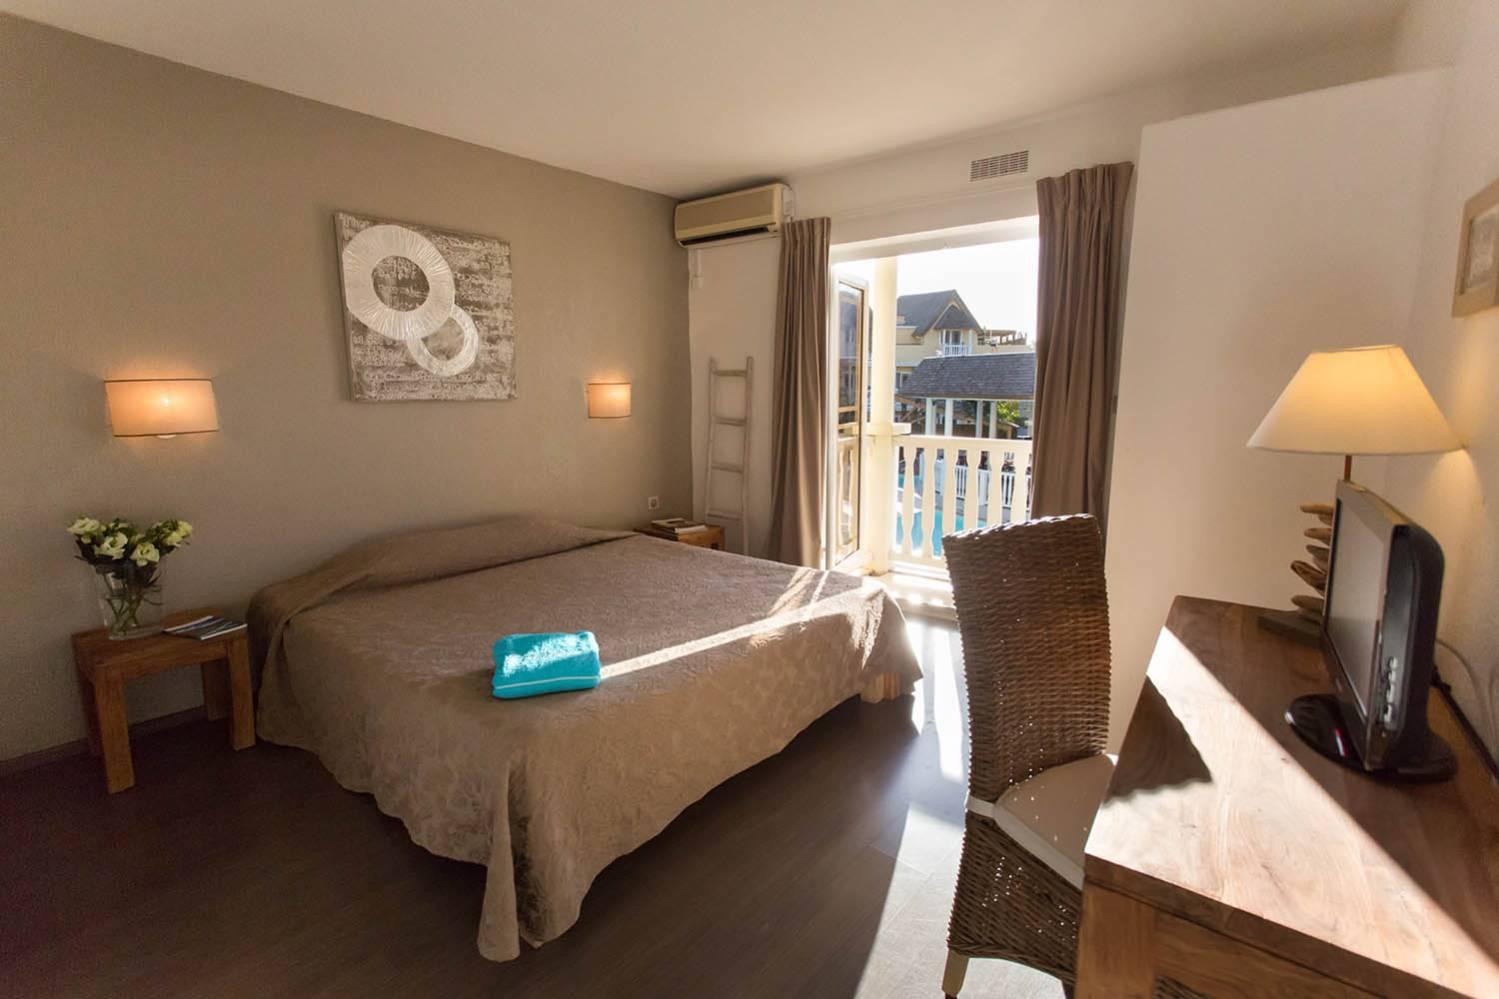 chambre d'hôtel à l'Ile de La Réunion